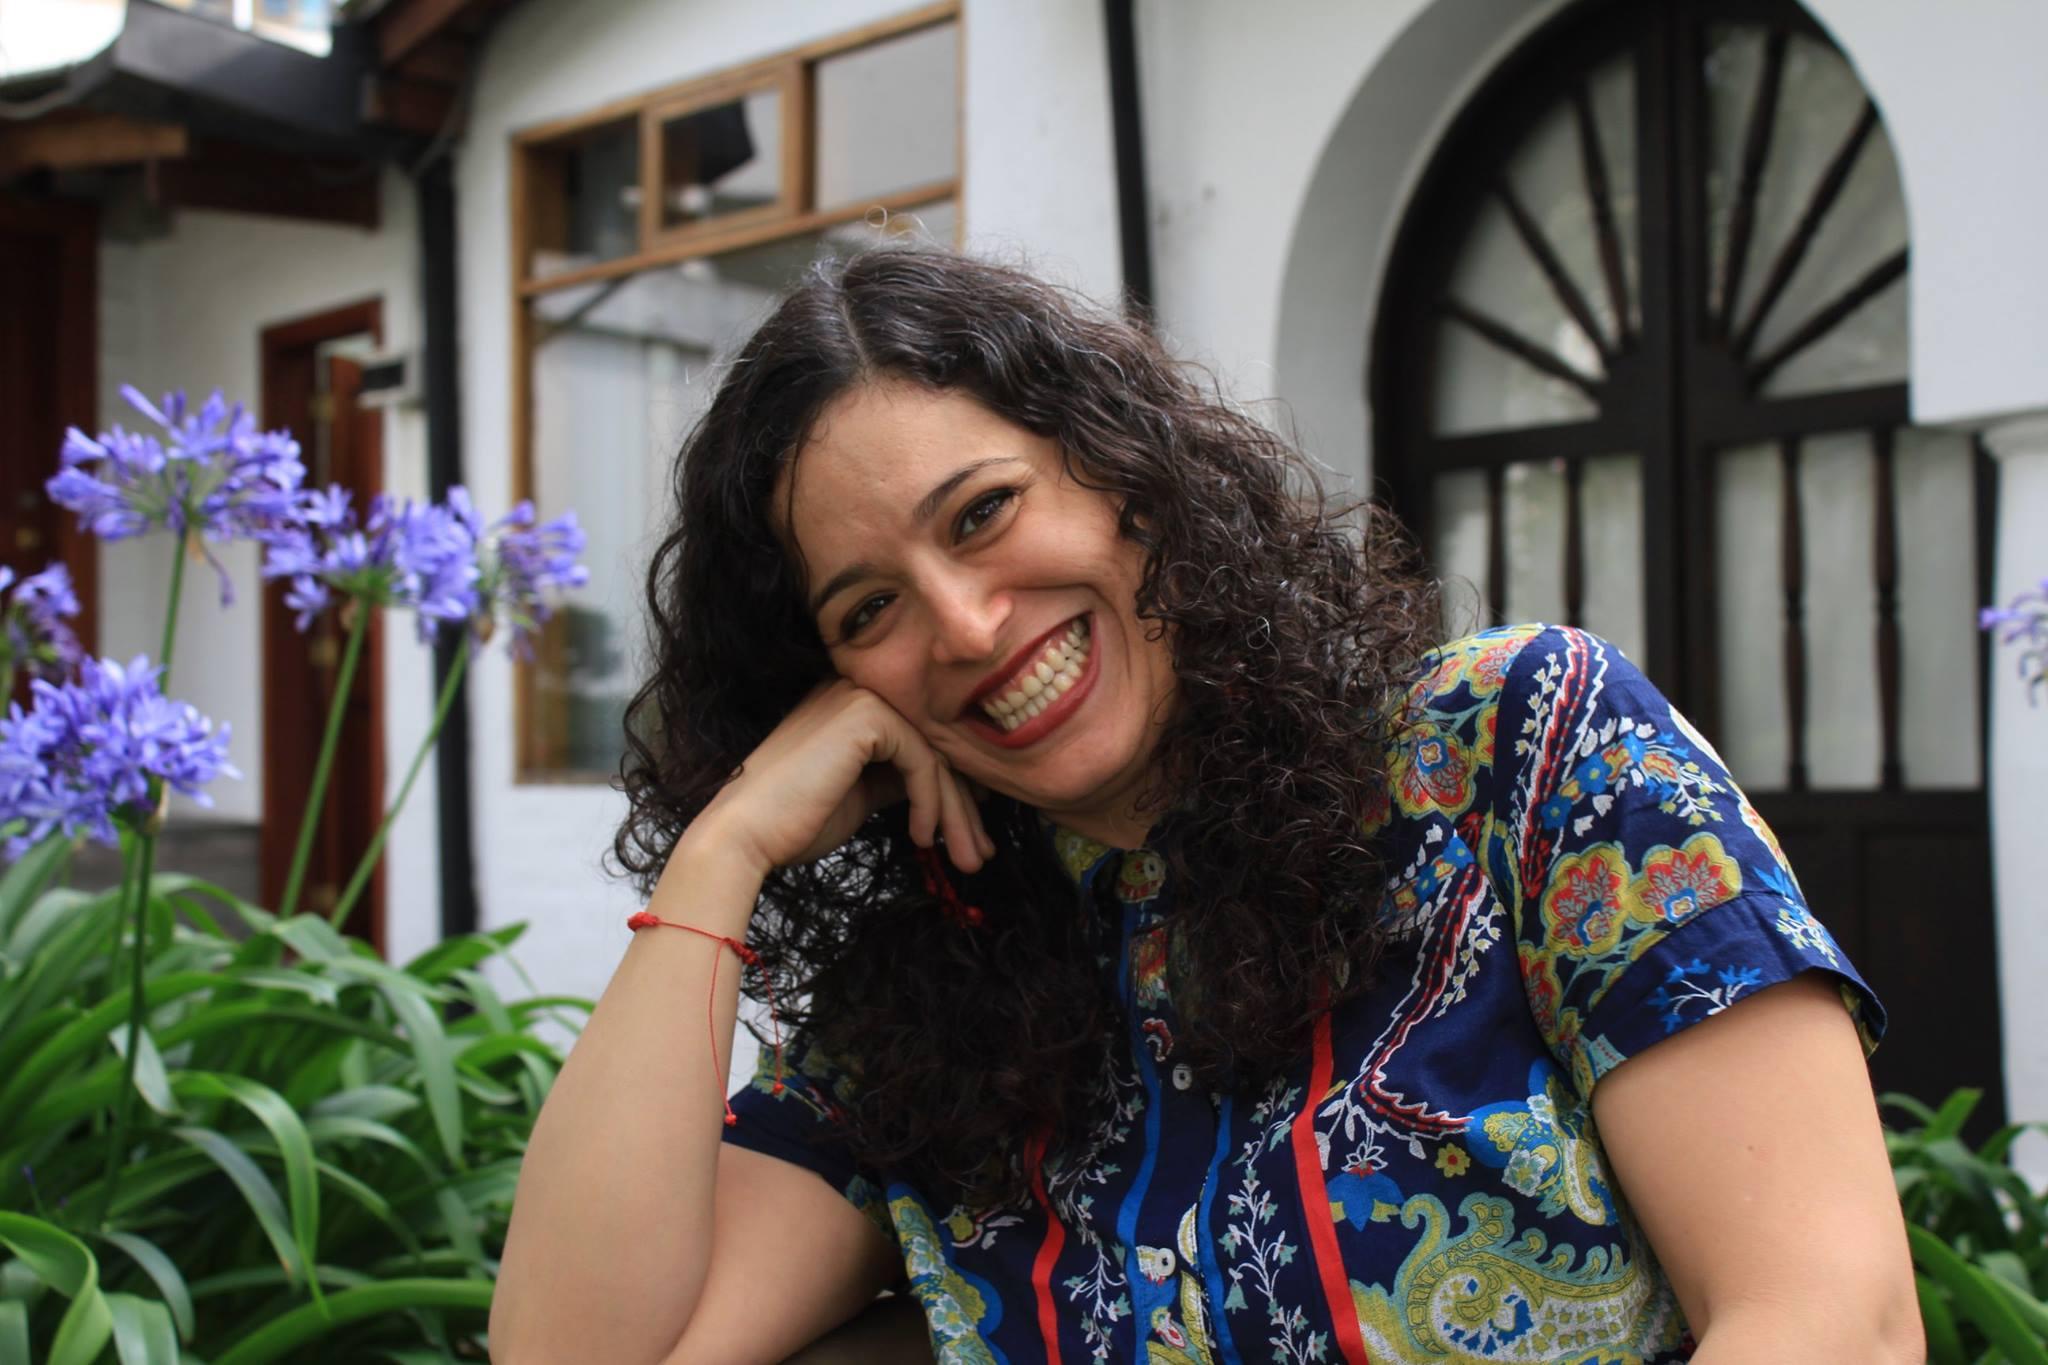 Claudia Sofia Garriga Lopez